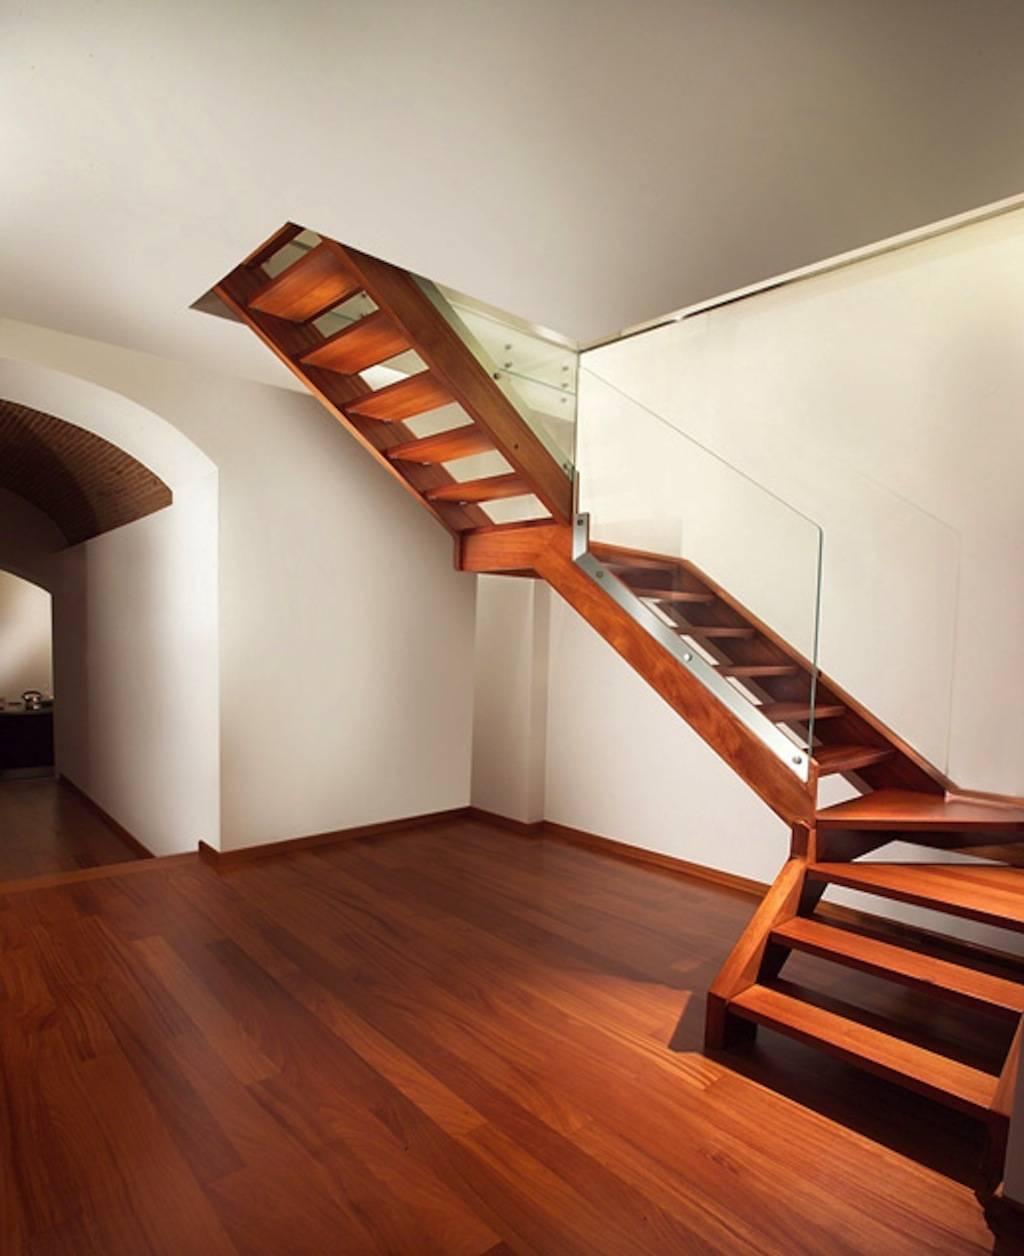 Как сделать лестницу на второй этаж из дерева своими руками, фото и видео